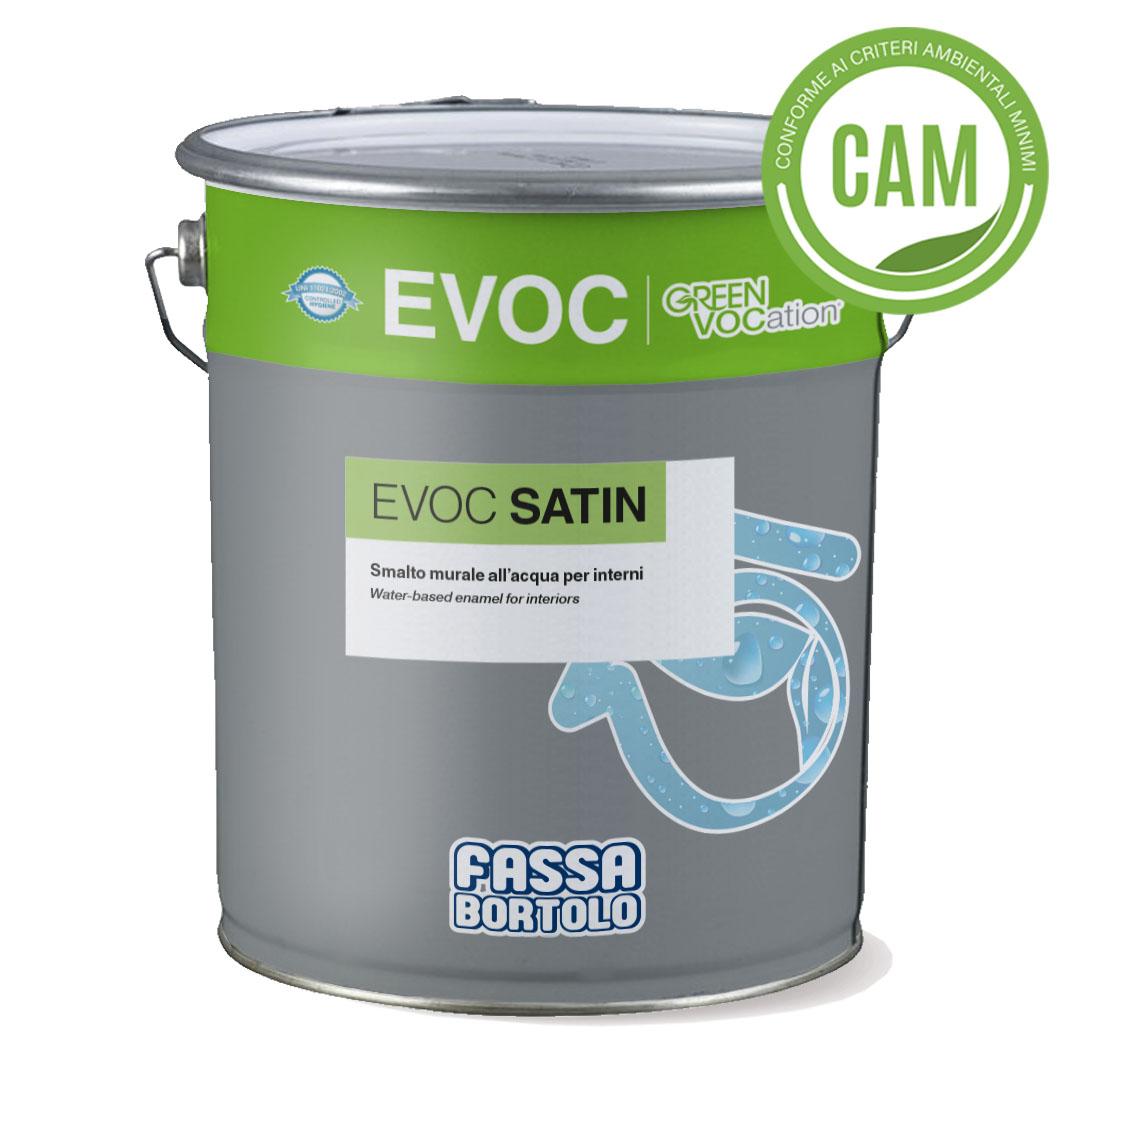 EVOC SATIN: Wasserbasierter matter Wandlack für den Innenbereich